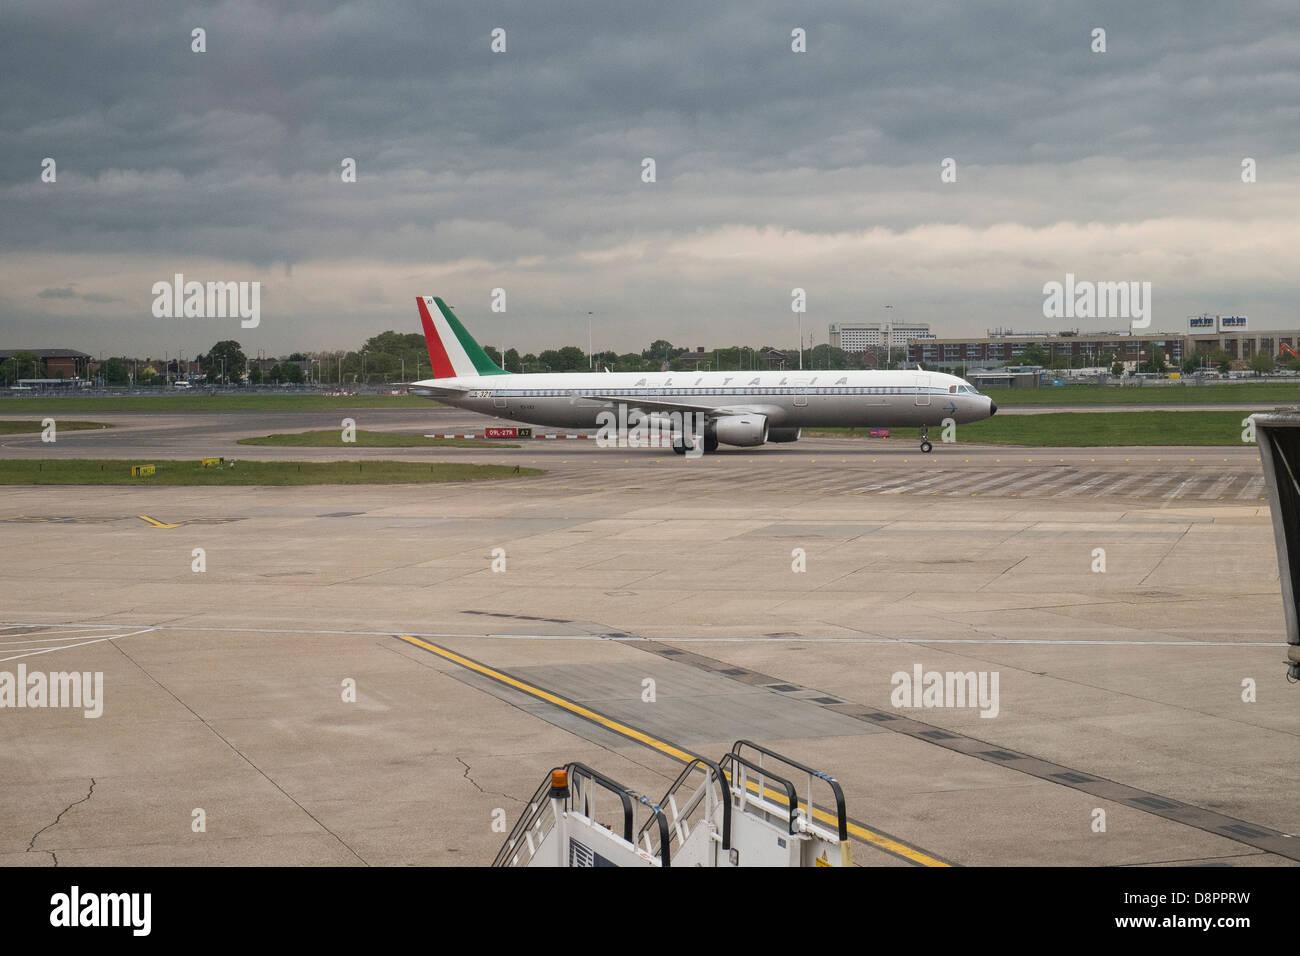 alitalia plane on runway - Stock Image